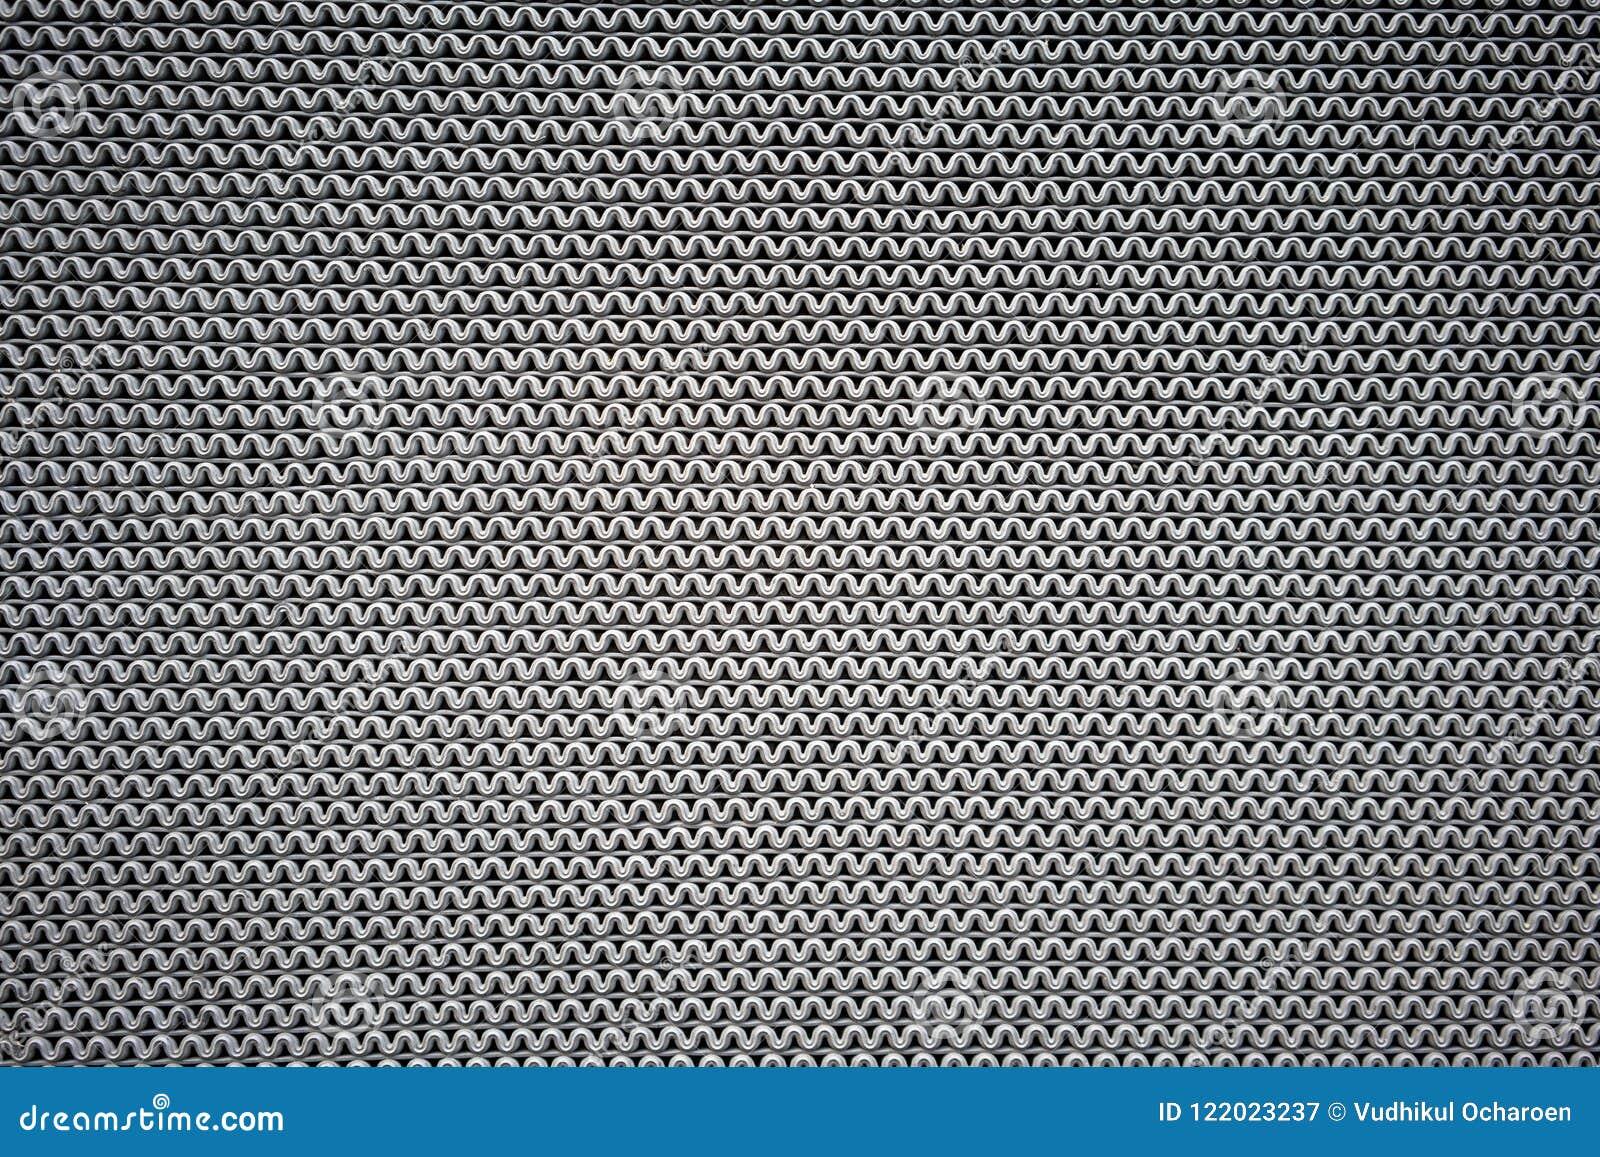 L onda grigia allinea il modello fatto di gomma per la stuoia antisdrucciolevole per testo